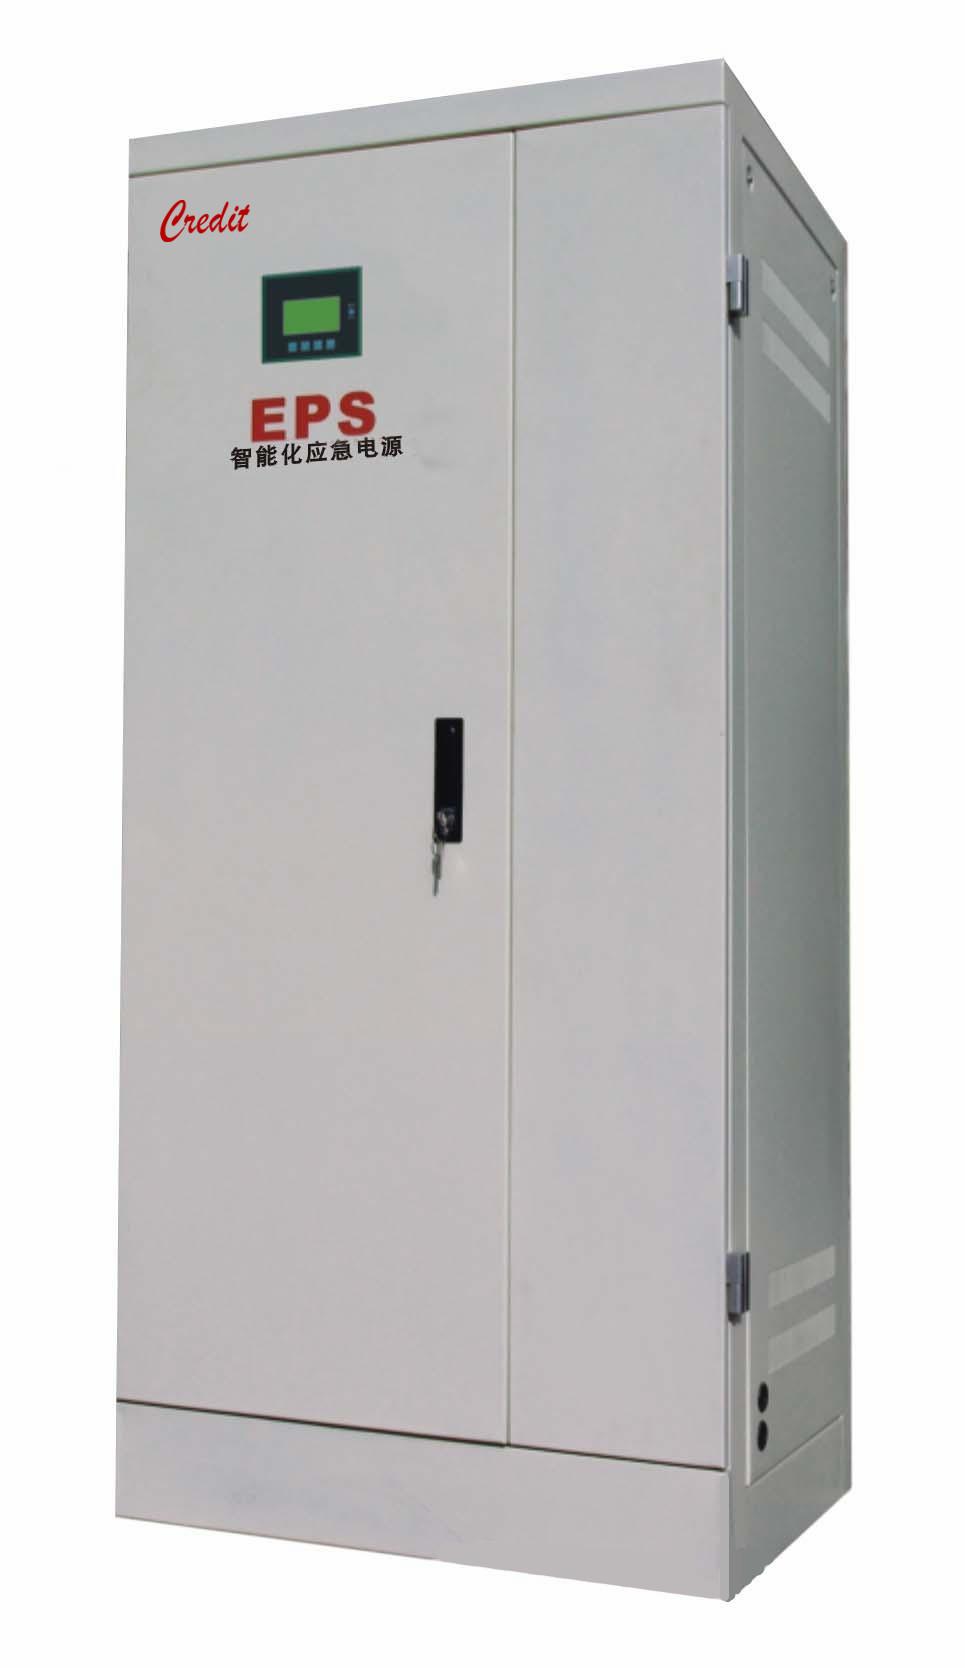 兴庆EPS应急电源代理——买实惠的银川EPS应急电源,就选嘉云电子